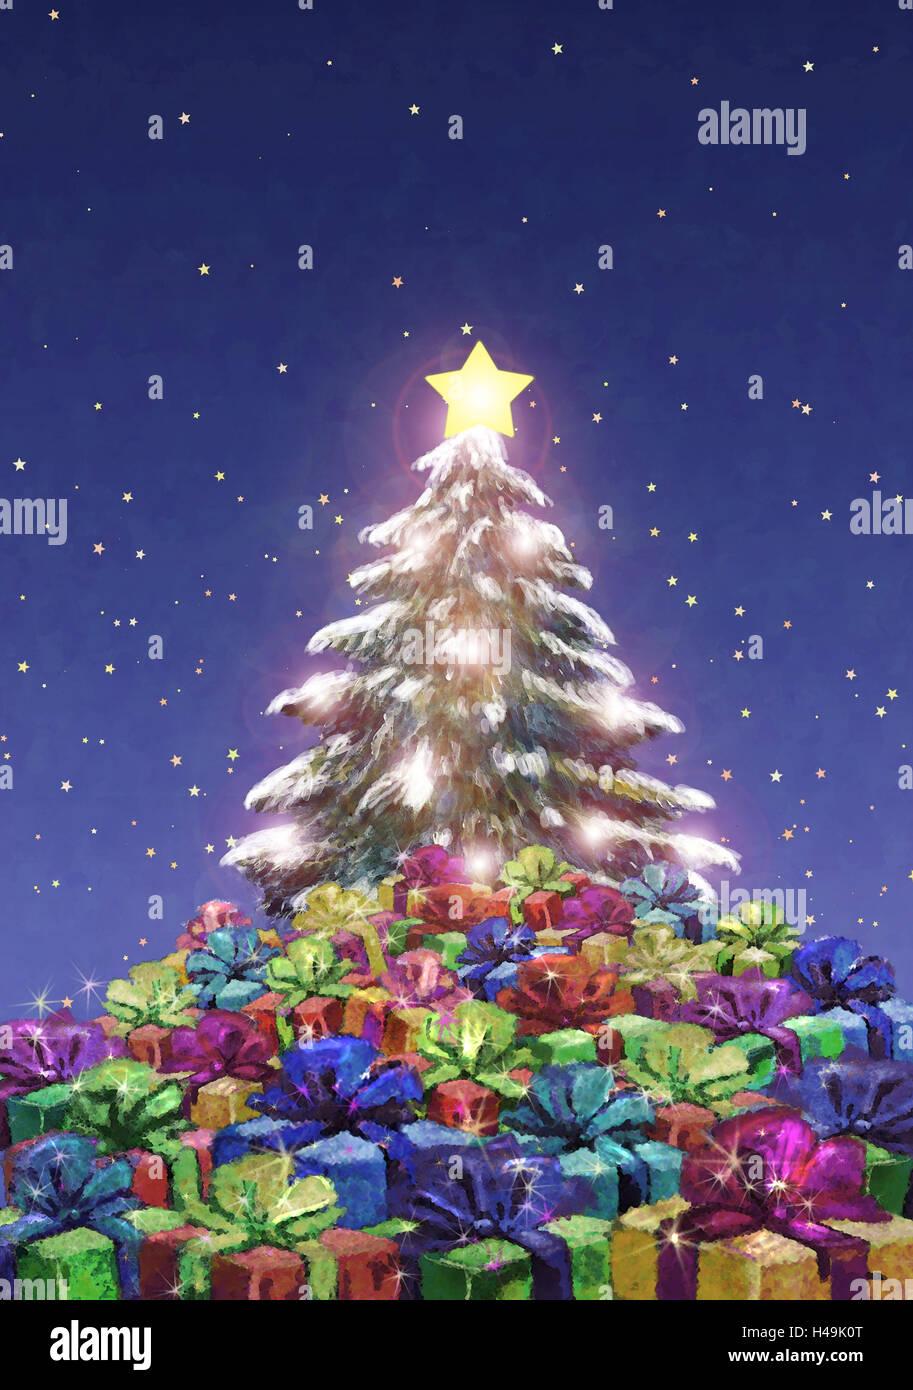 Winterliche Weihnachtsgrüße.Abbildung Weihnachtsbaum Geschenke Abend Abonnement Malen